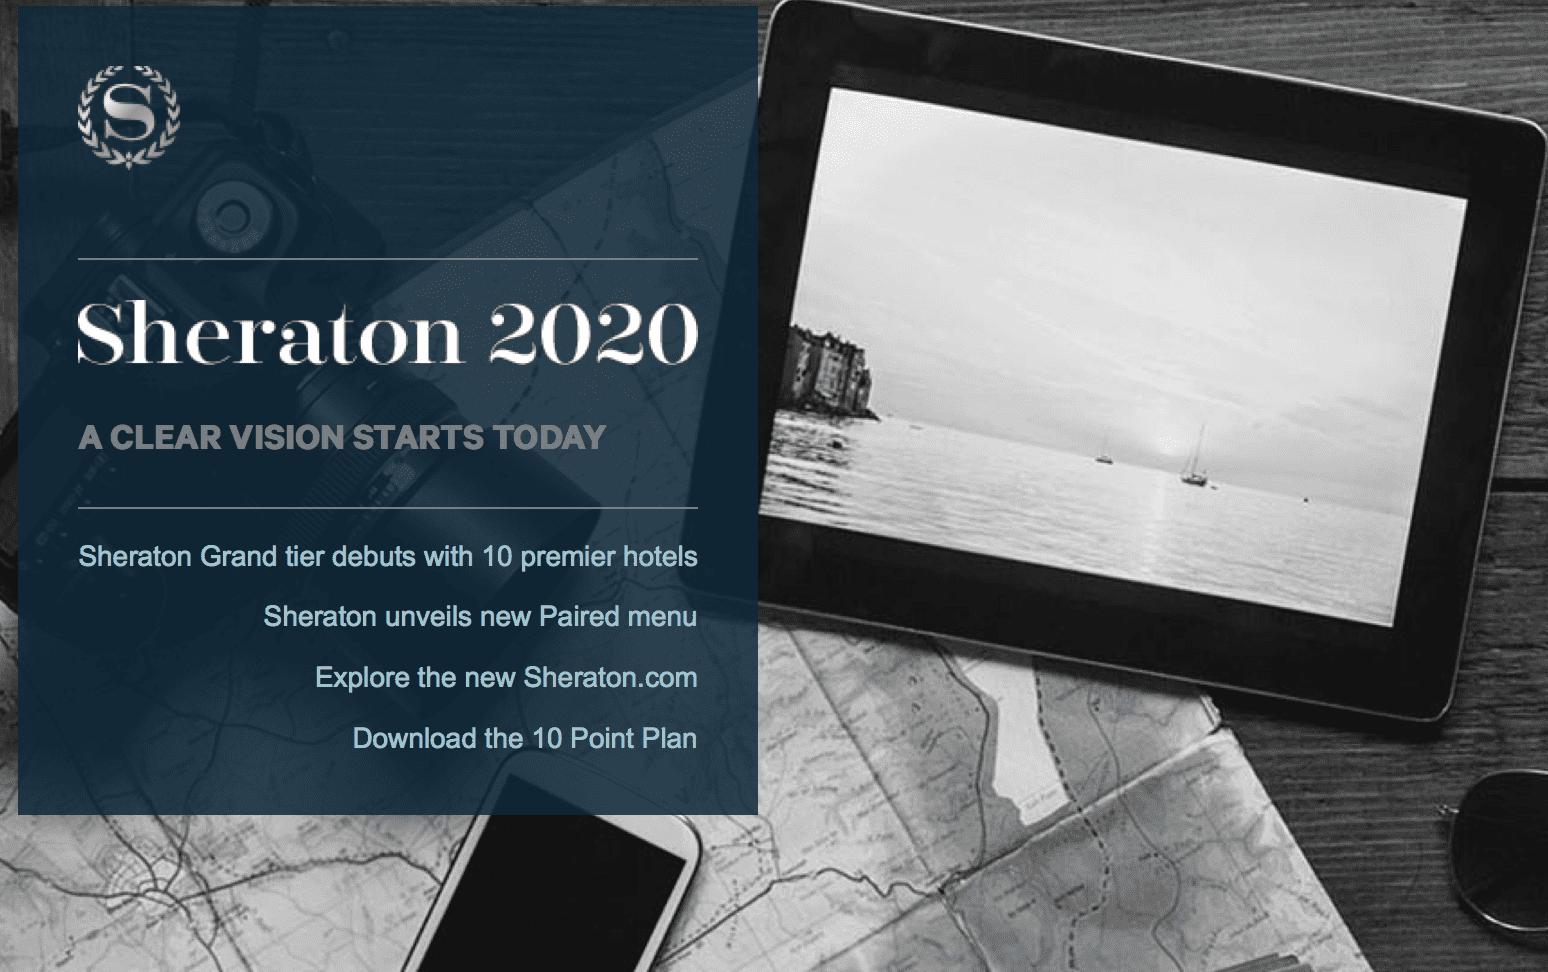 sheraton-2020